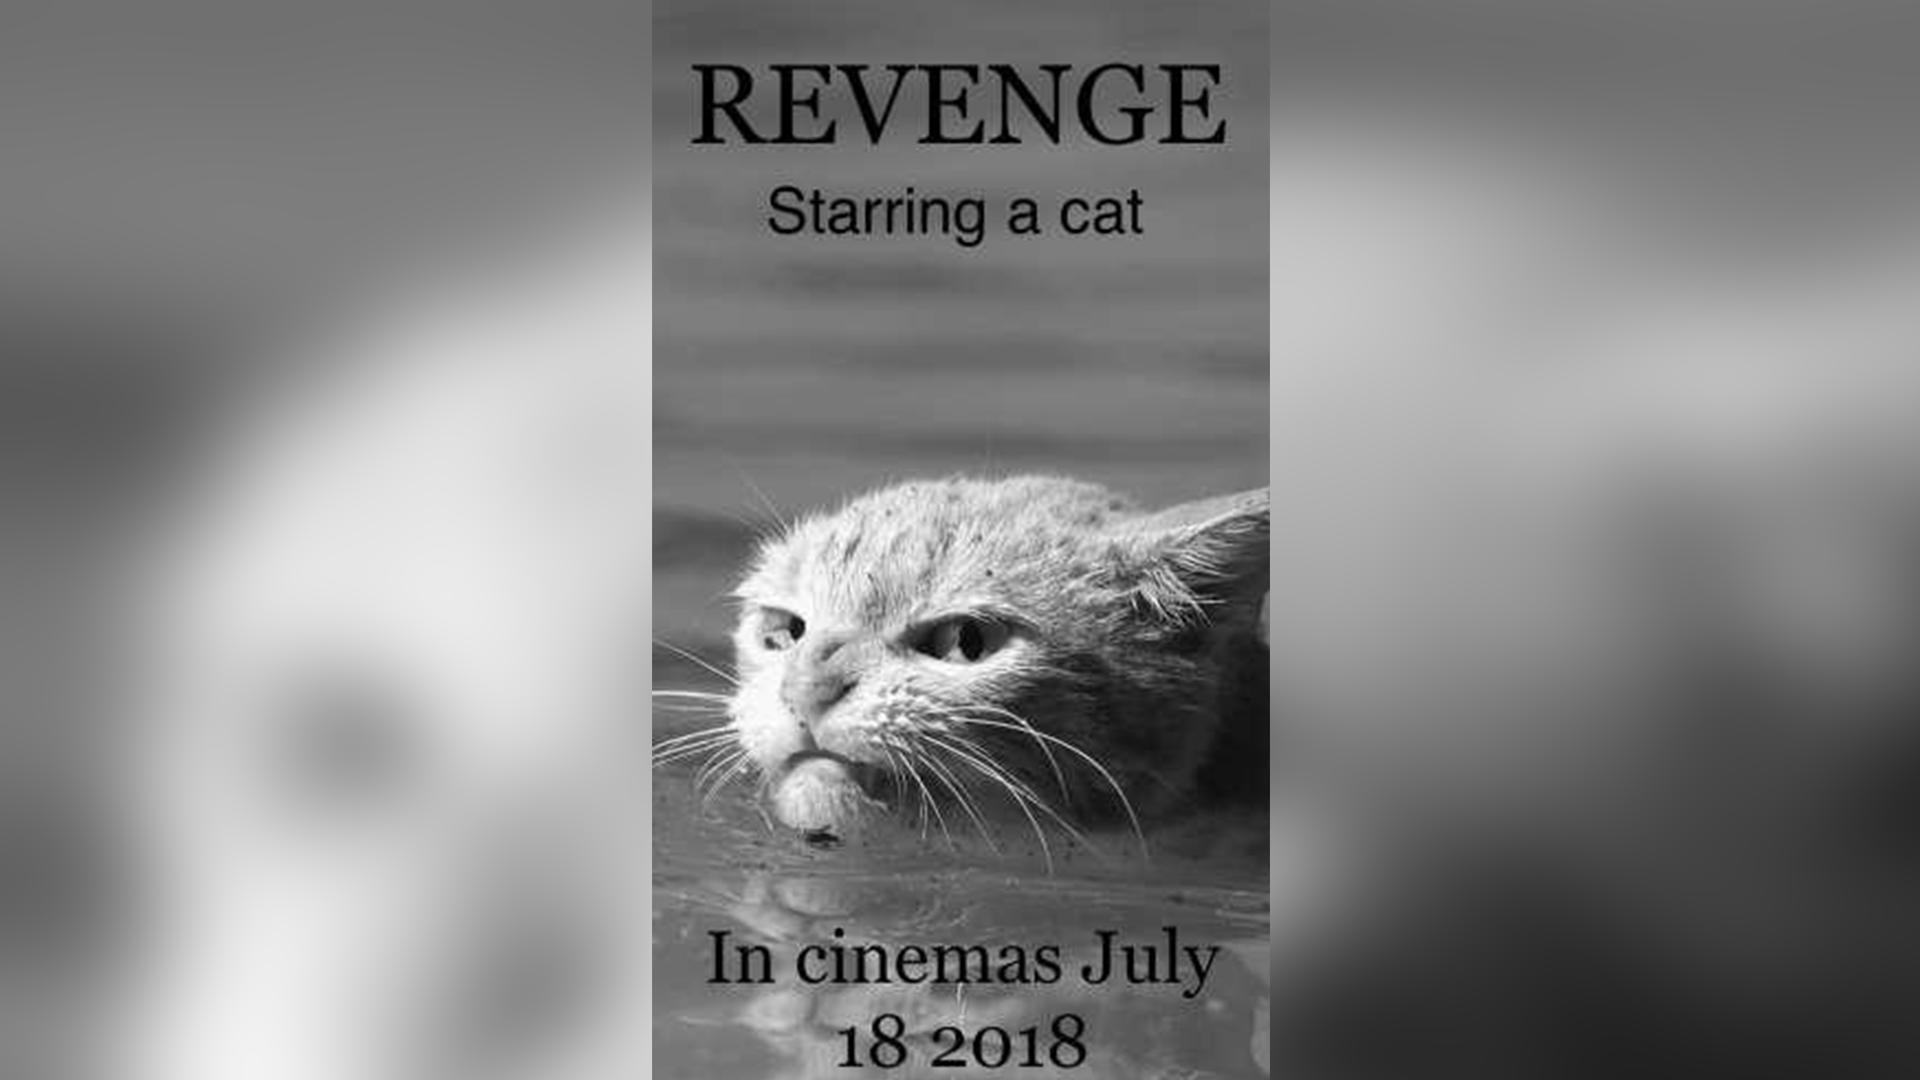 Месть. В главной роли кот. В кинотеатрах с 18 июля 2018 года.